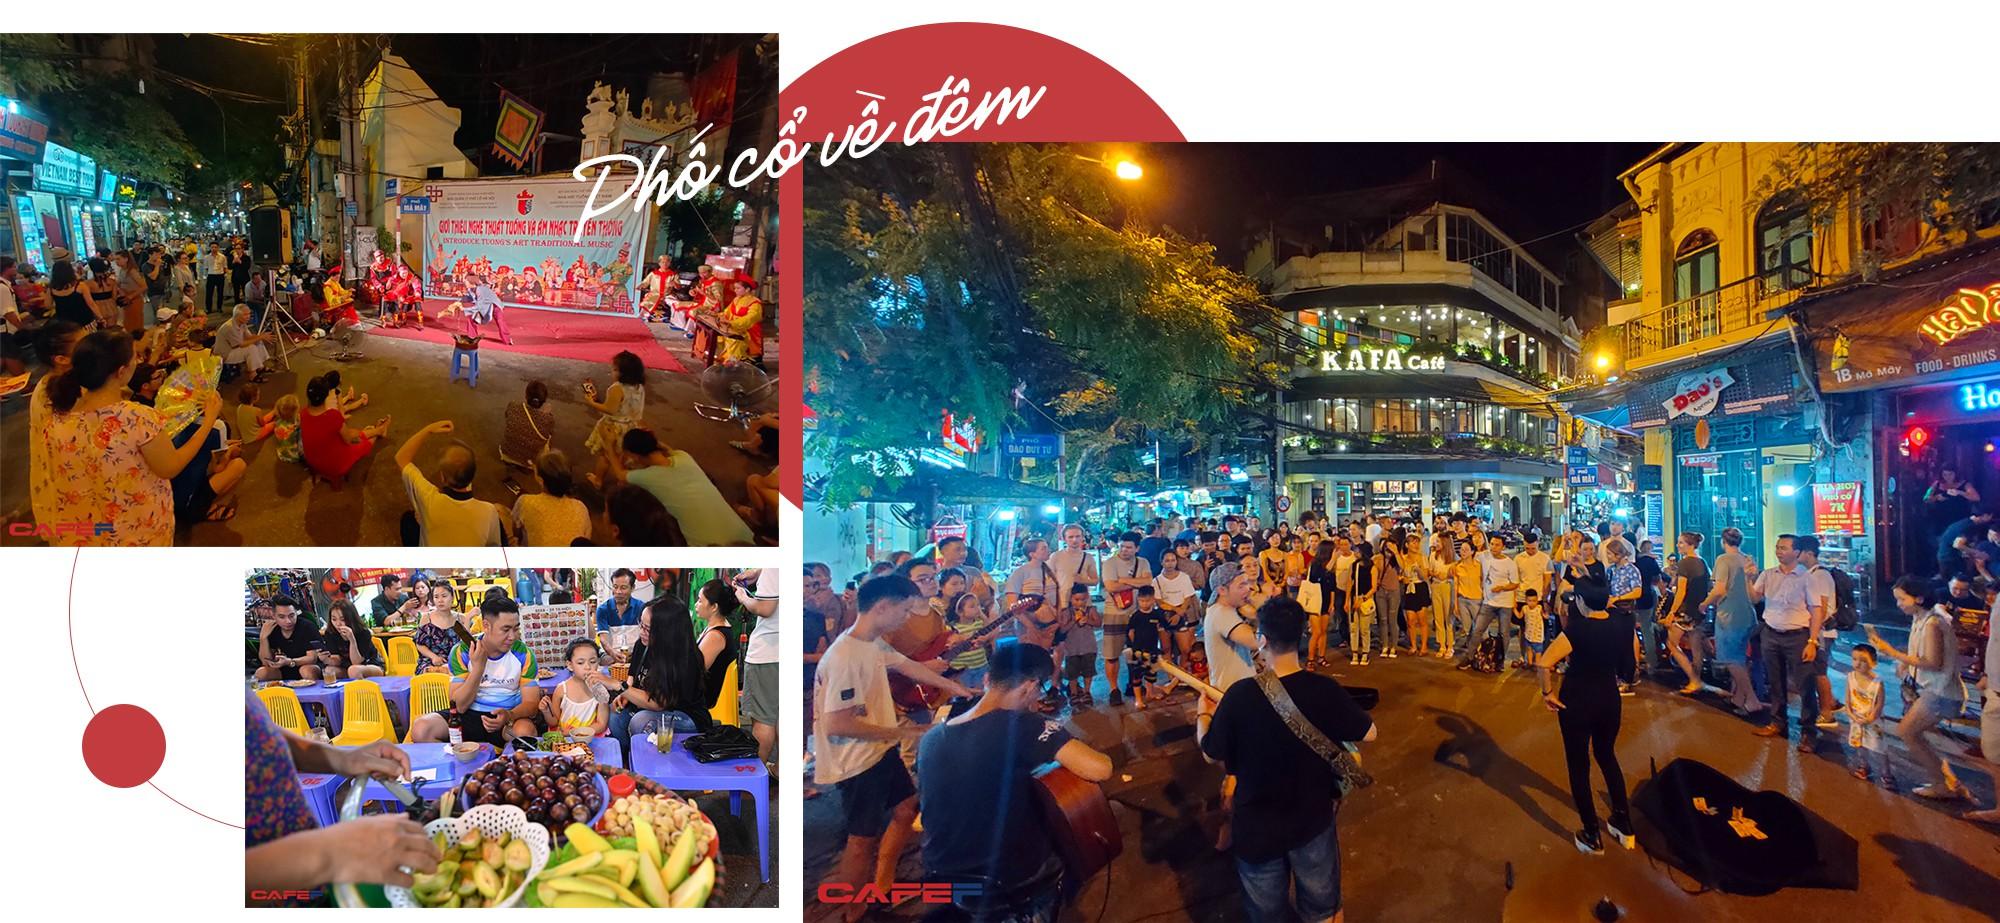 """Kinh tế về đêm nhìn từ """"chiến tranh bia"""" trên phố cổ Hà Nội - Ảnh 5."""